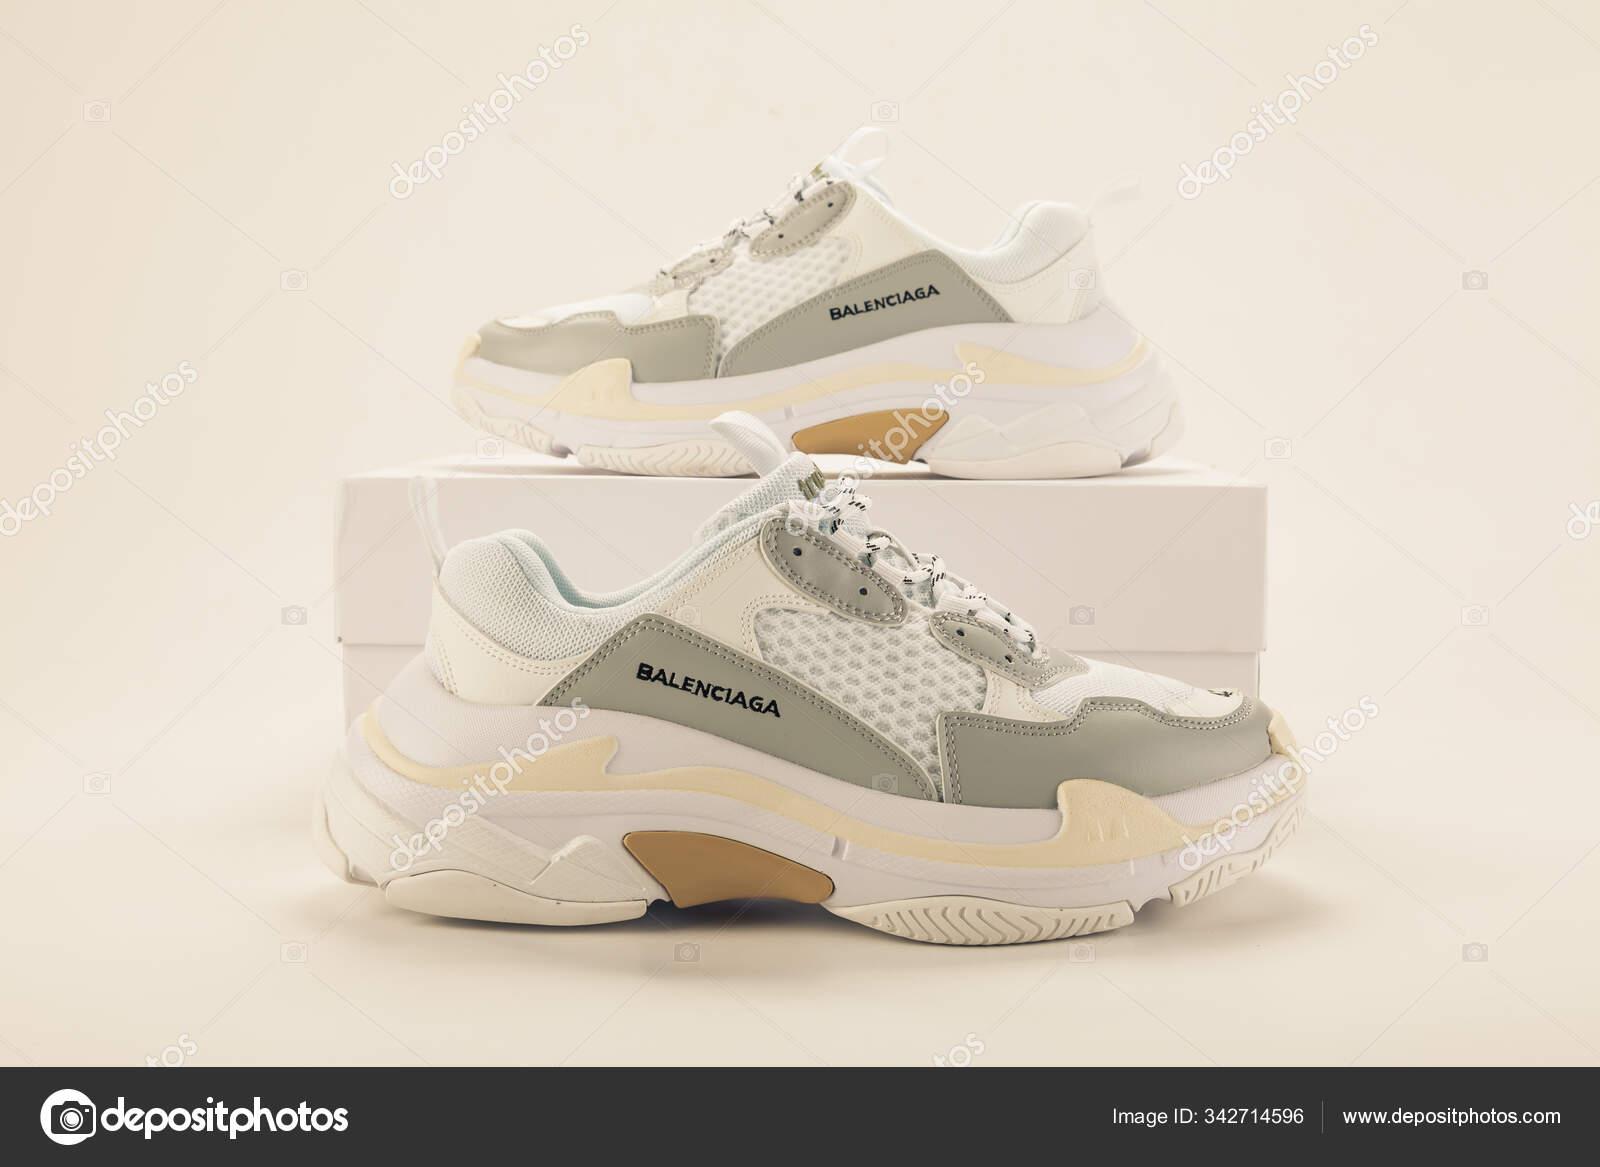 balenciaga colorful sneakers